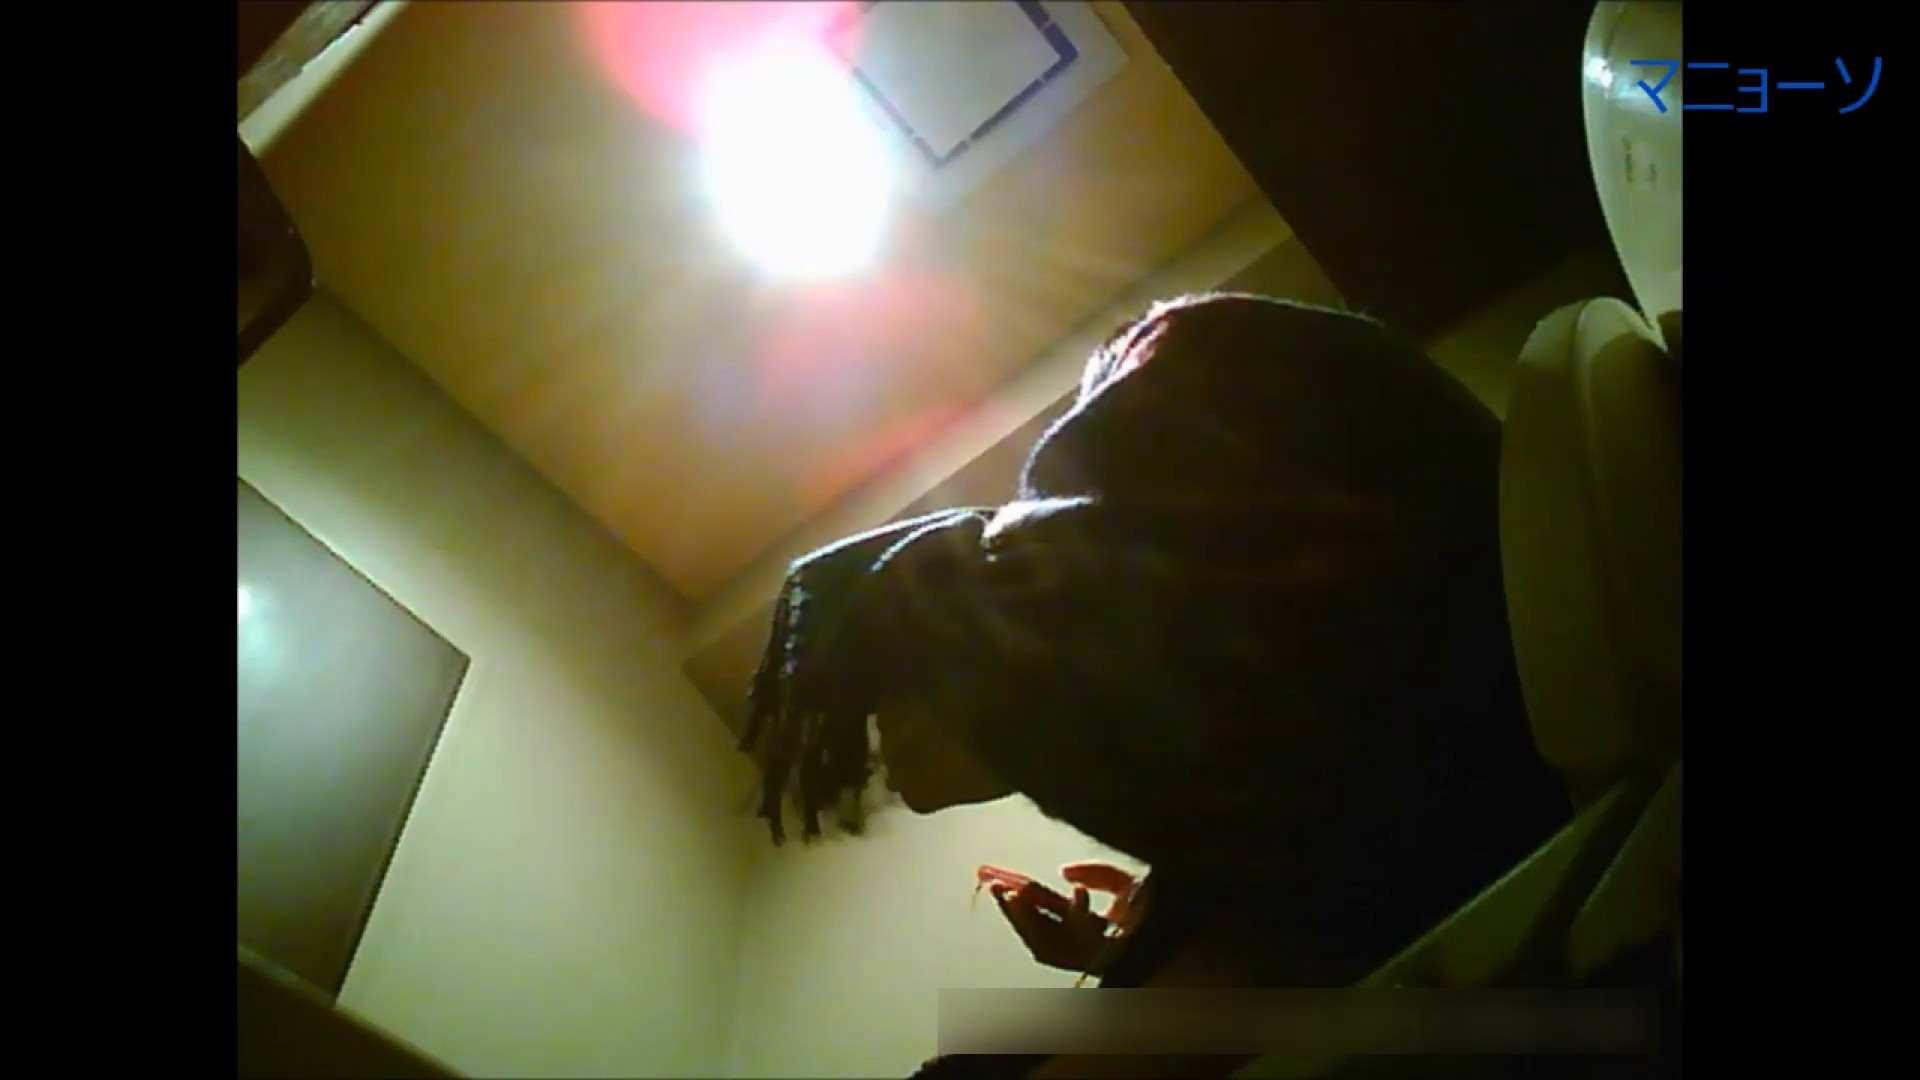 トイレでひと肌脱いでもらいました (JD編)Vol.01 OL  93pic 30